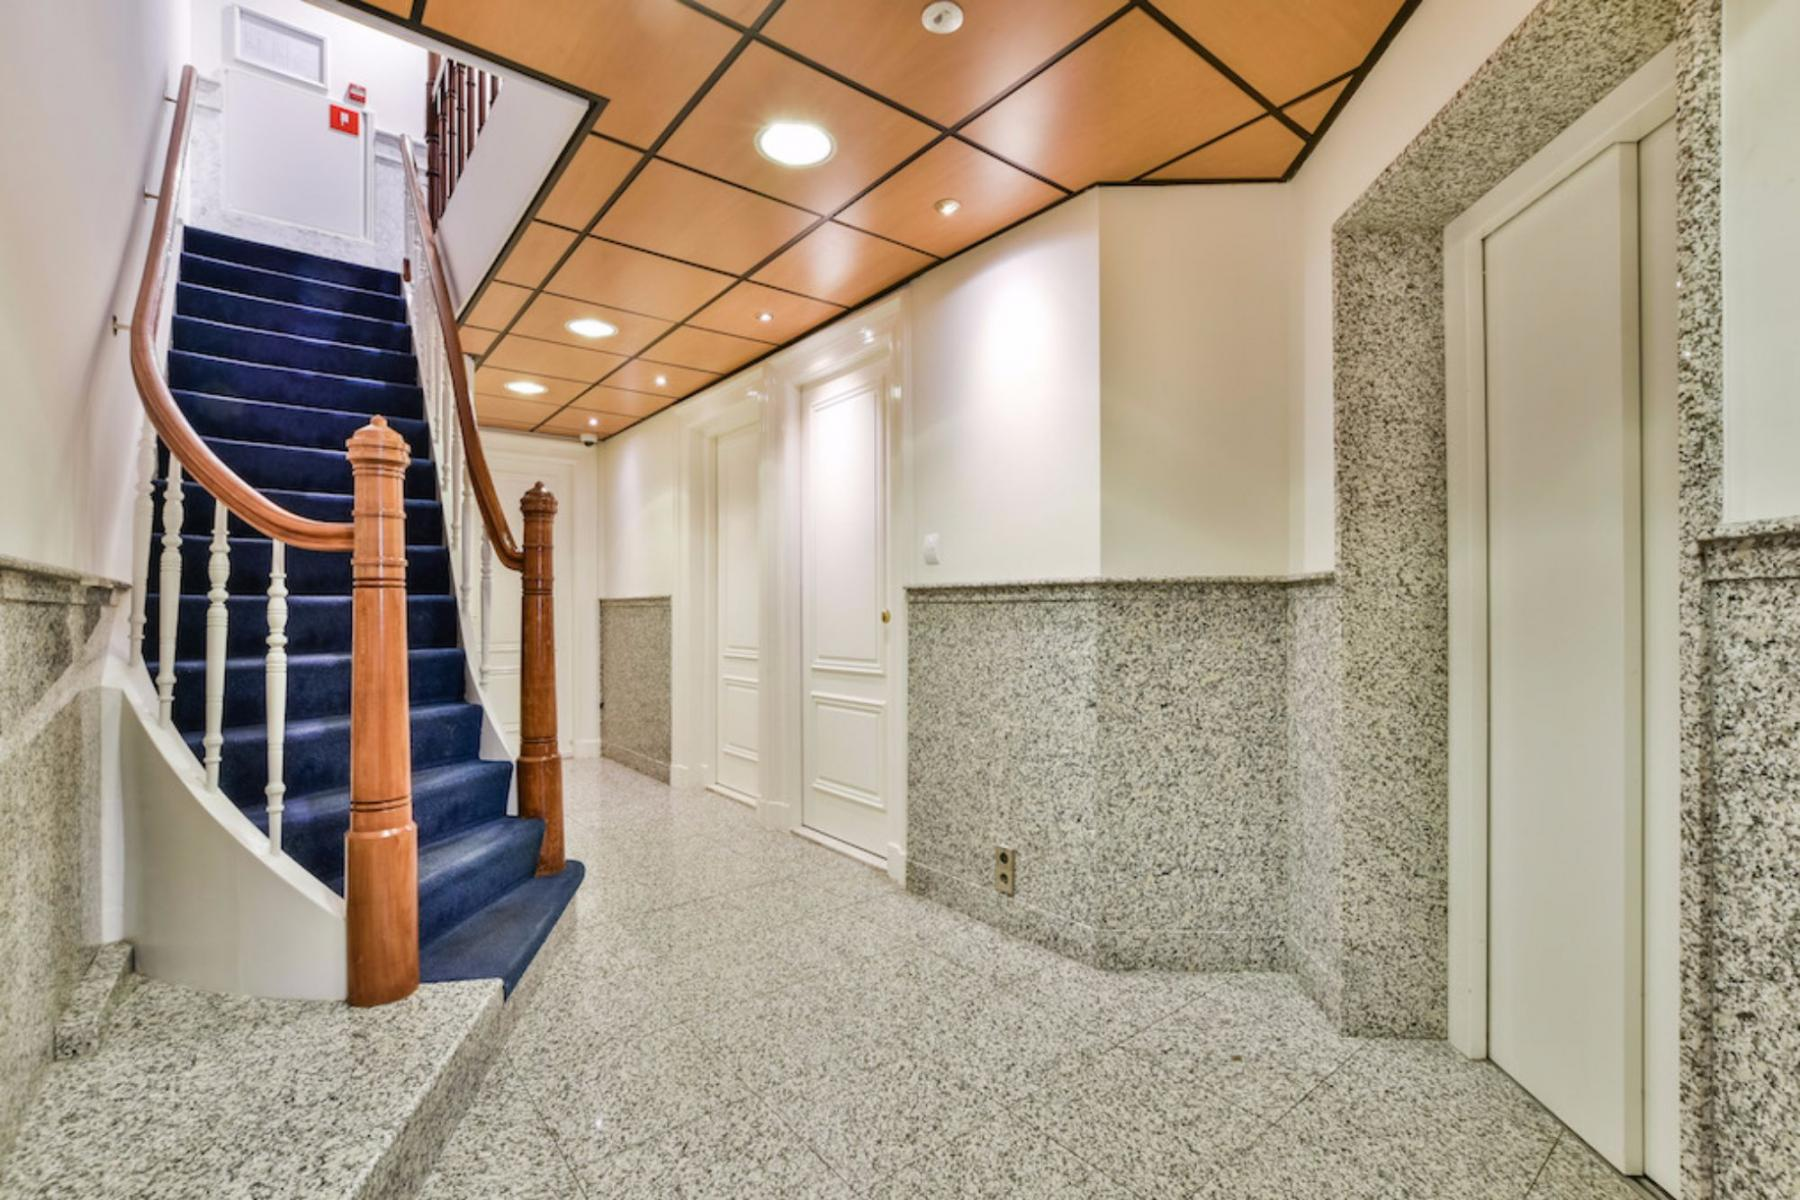 hallway doorway office building Amsterdam